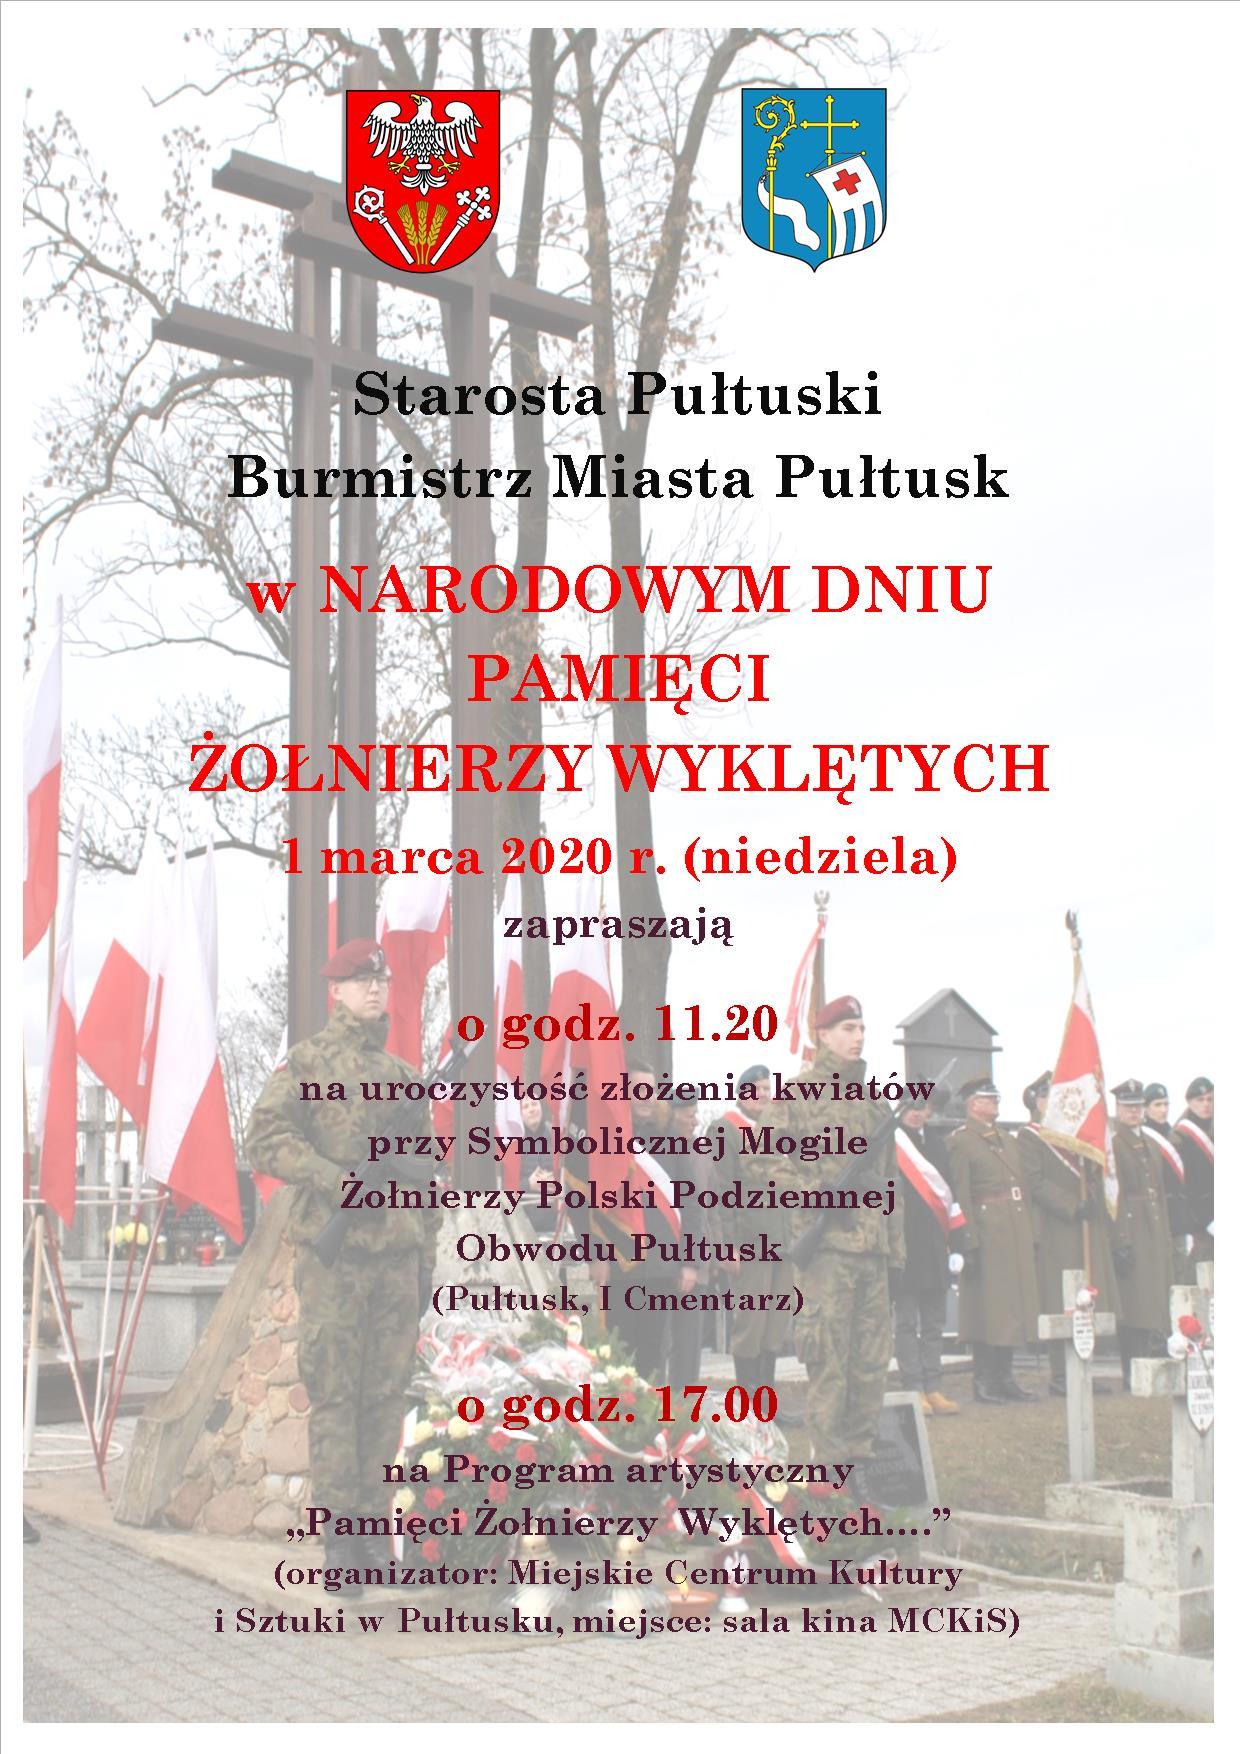 Zapraszamy na uroczystości z okazji Narodowego Dnia Pamięci Żołnierzy Wyklętych